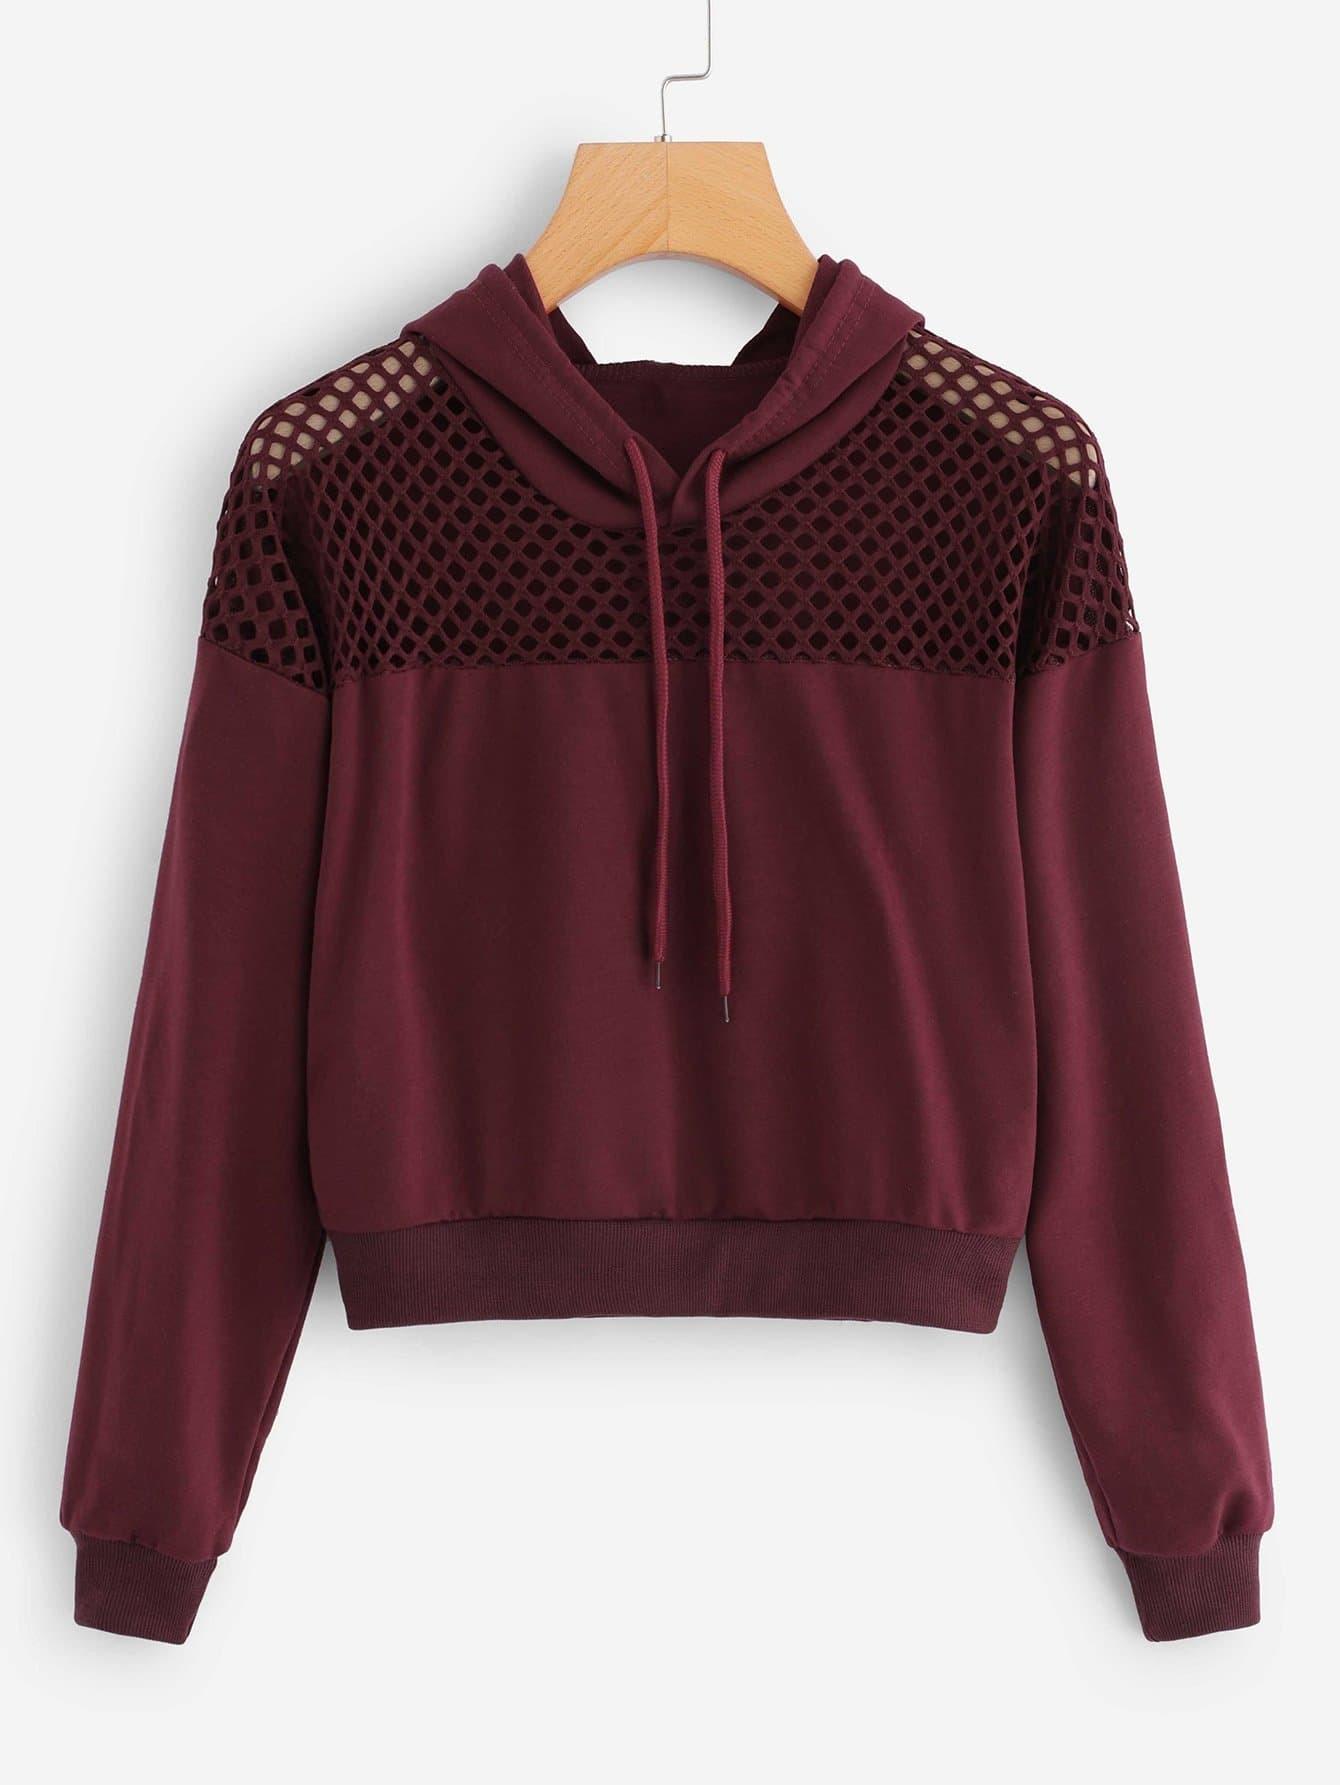 Купить Повседневный Ровный цвет на кулиске Пуловеры Бордовый Свитшоты, null, SheIn